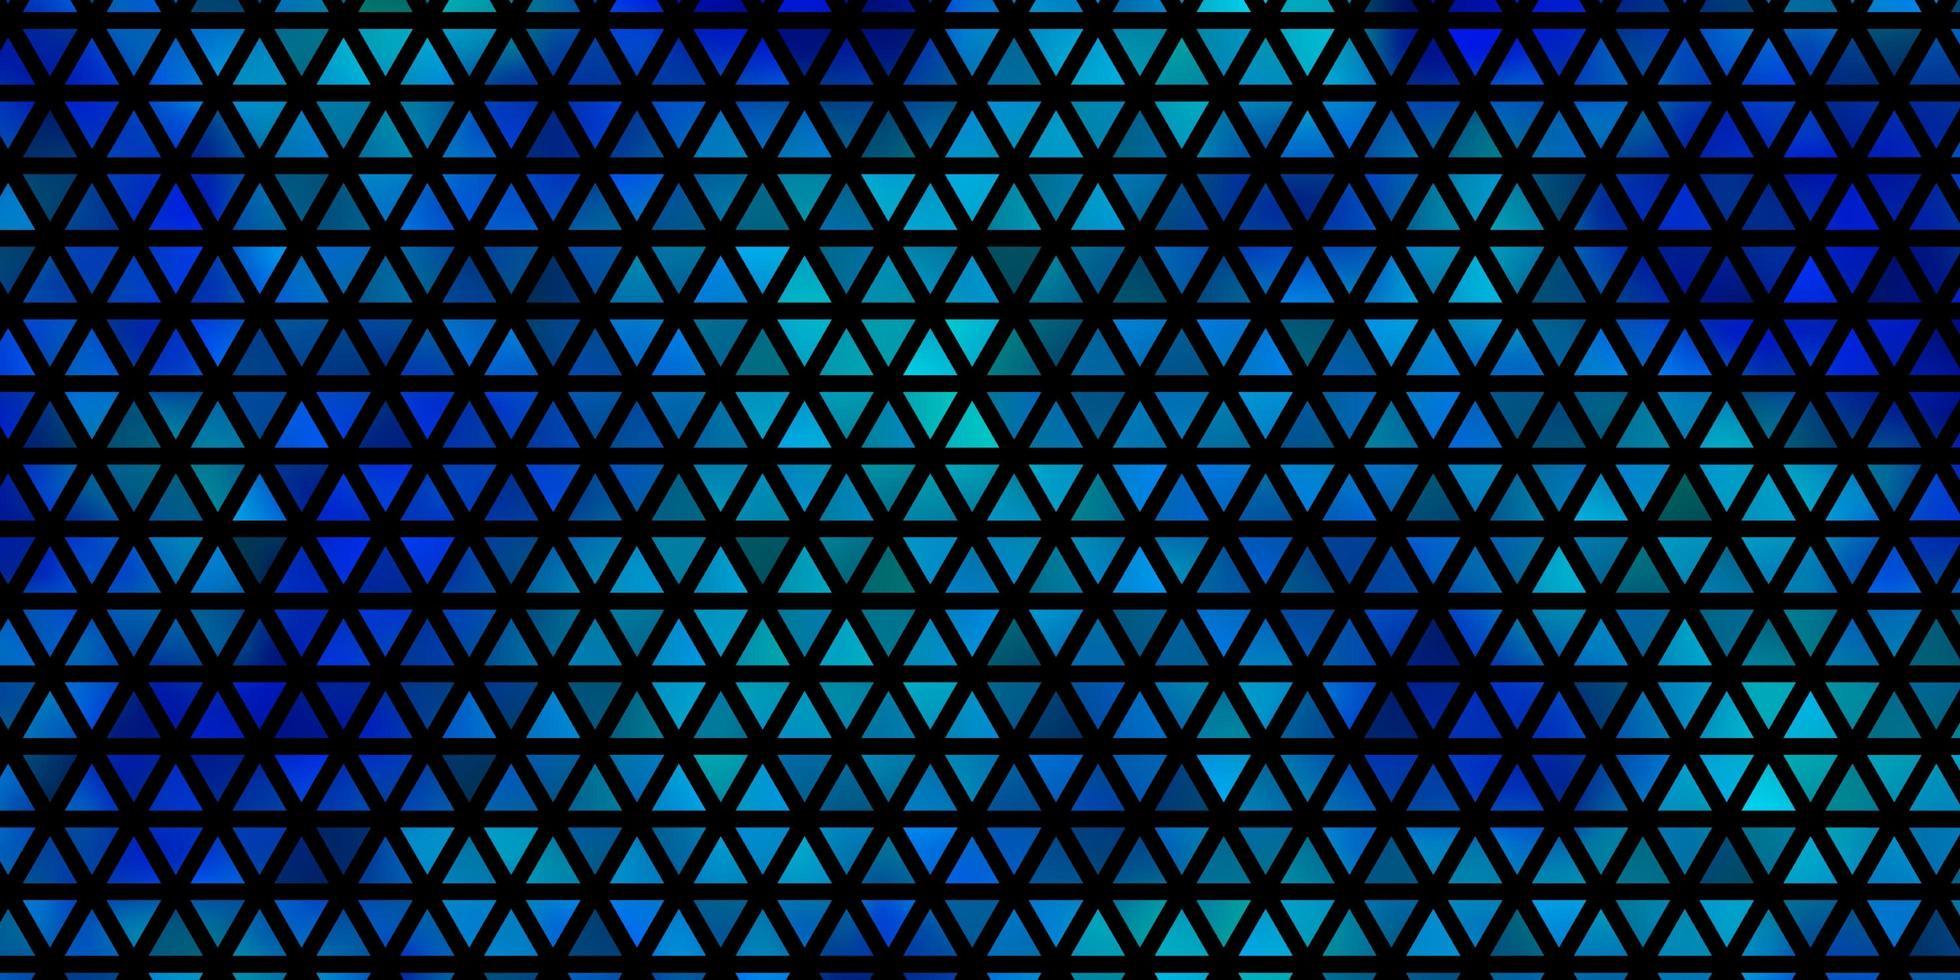 fundo vector azul claro com estilo poligonal